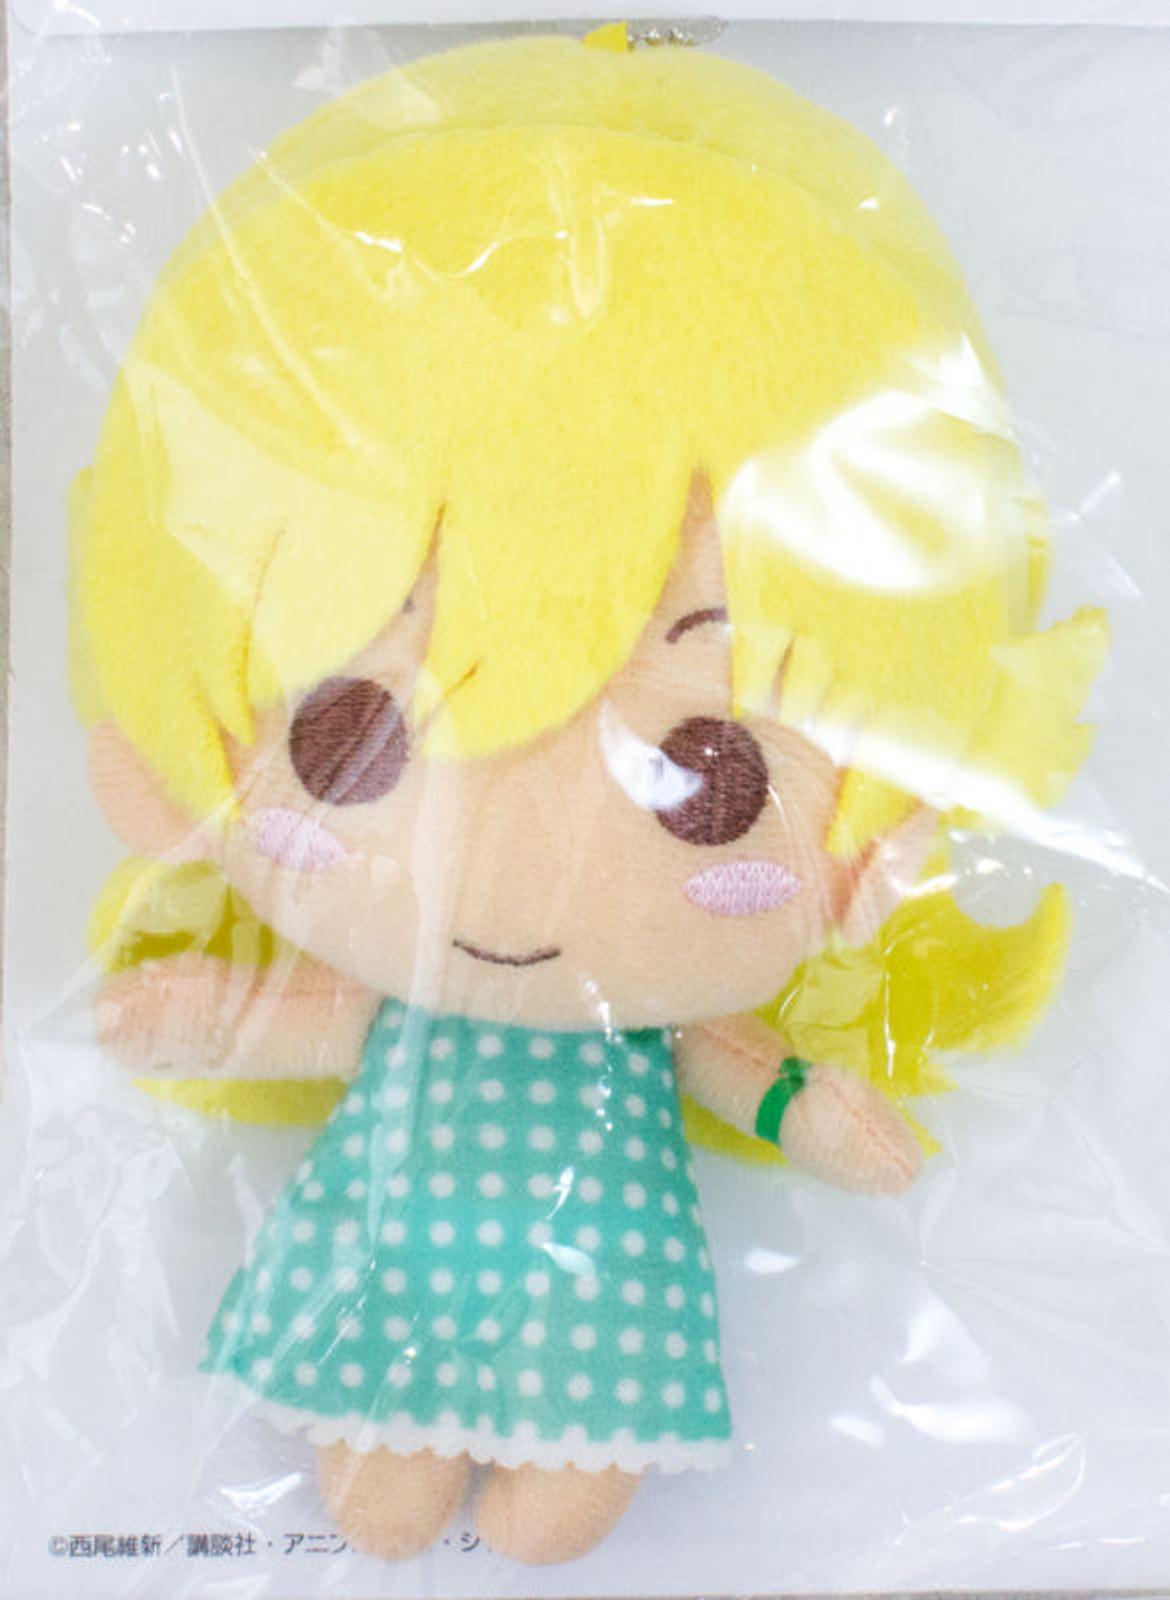 Bakemonogatari Shinobu Oshino Plush Doll Figure w/Ball Chain JAPAN ANIME TSUKI